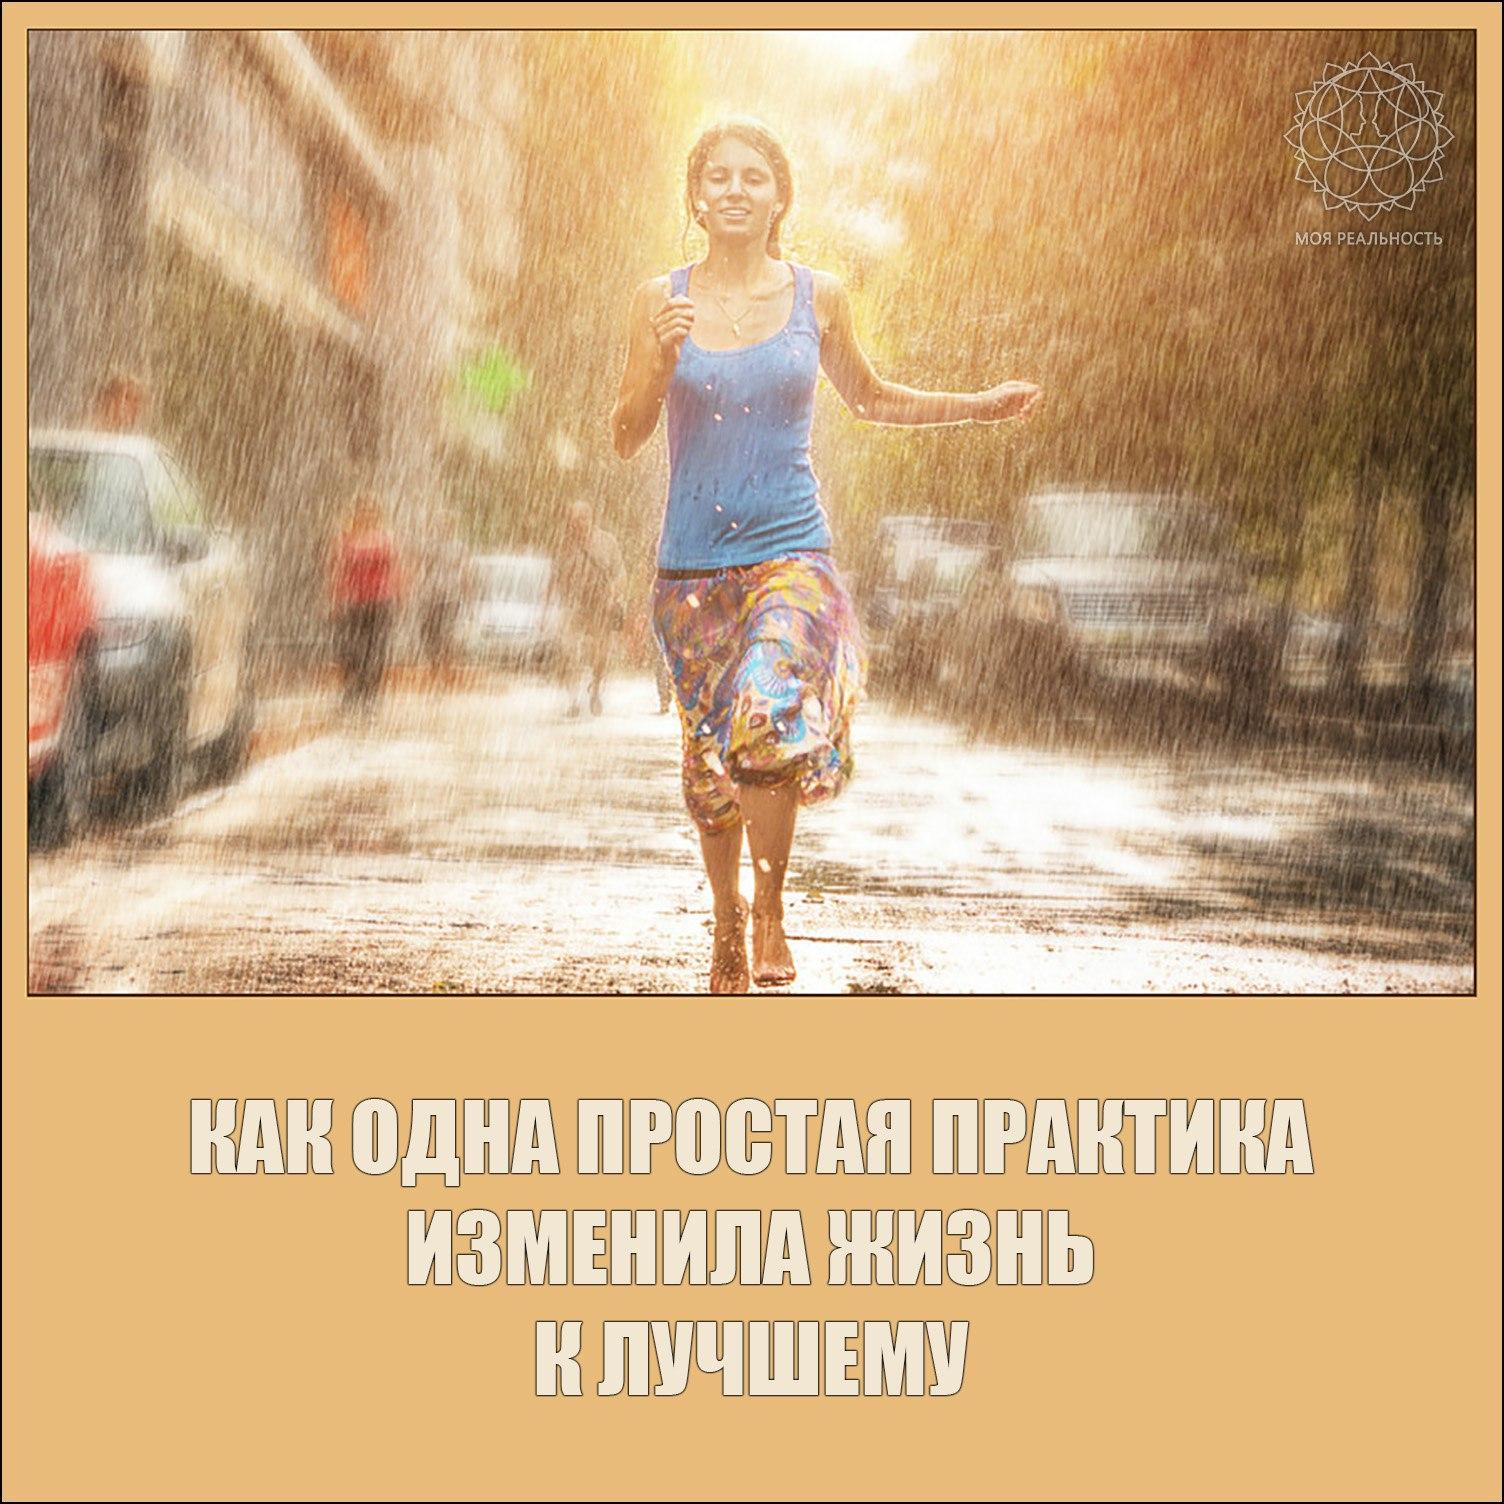 https://pp.userapi.com/c836422/v836422476/39e20/AW97Gv3-STg.jpg